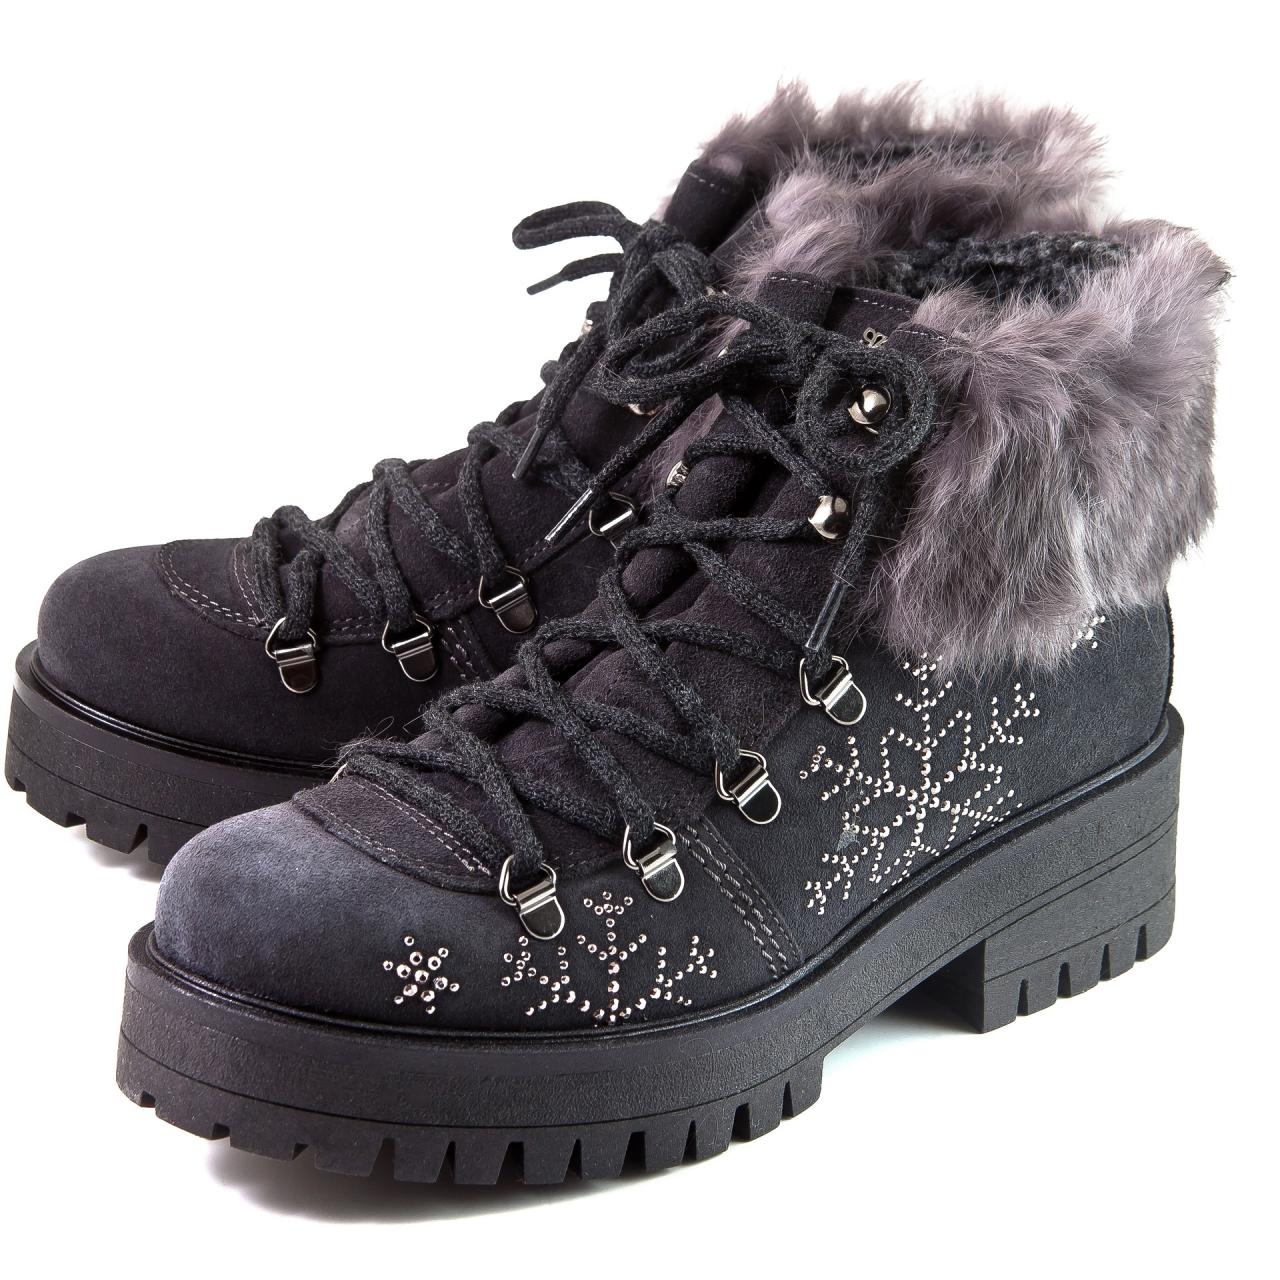 картинка Женские ботинки, арт. 12540-4-00201/82A P от магазина Одежда+